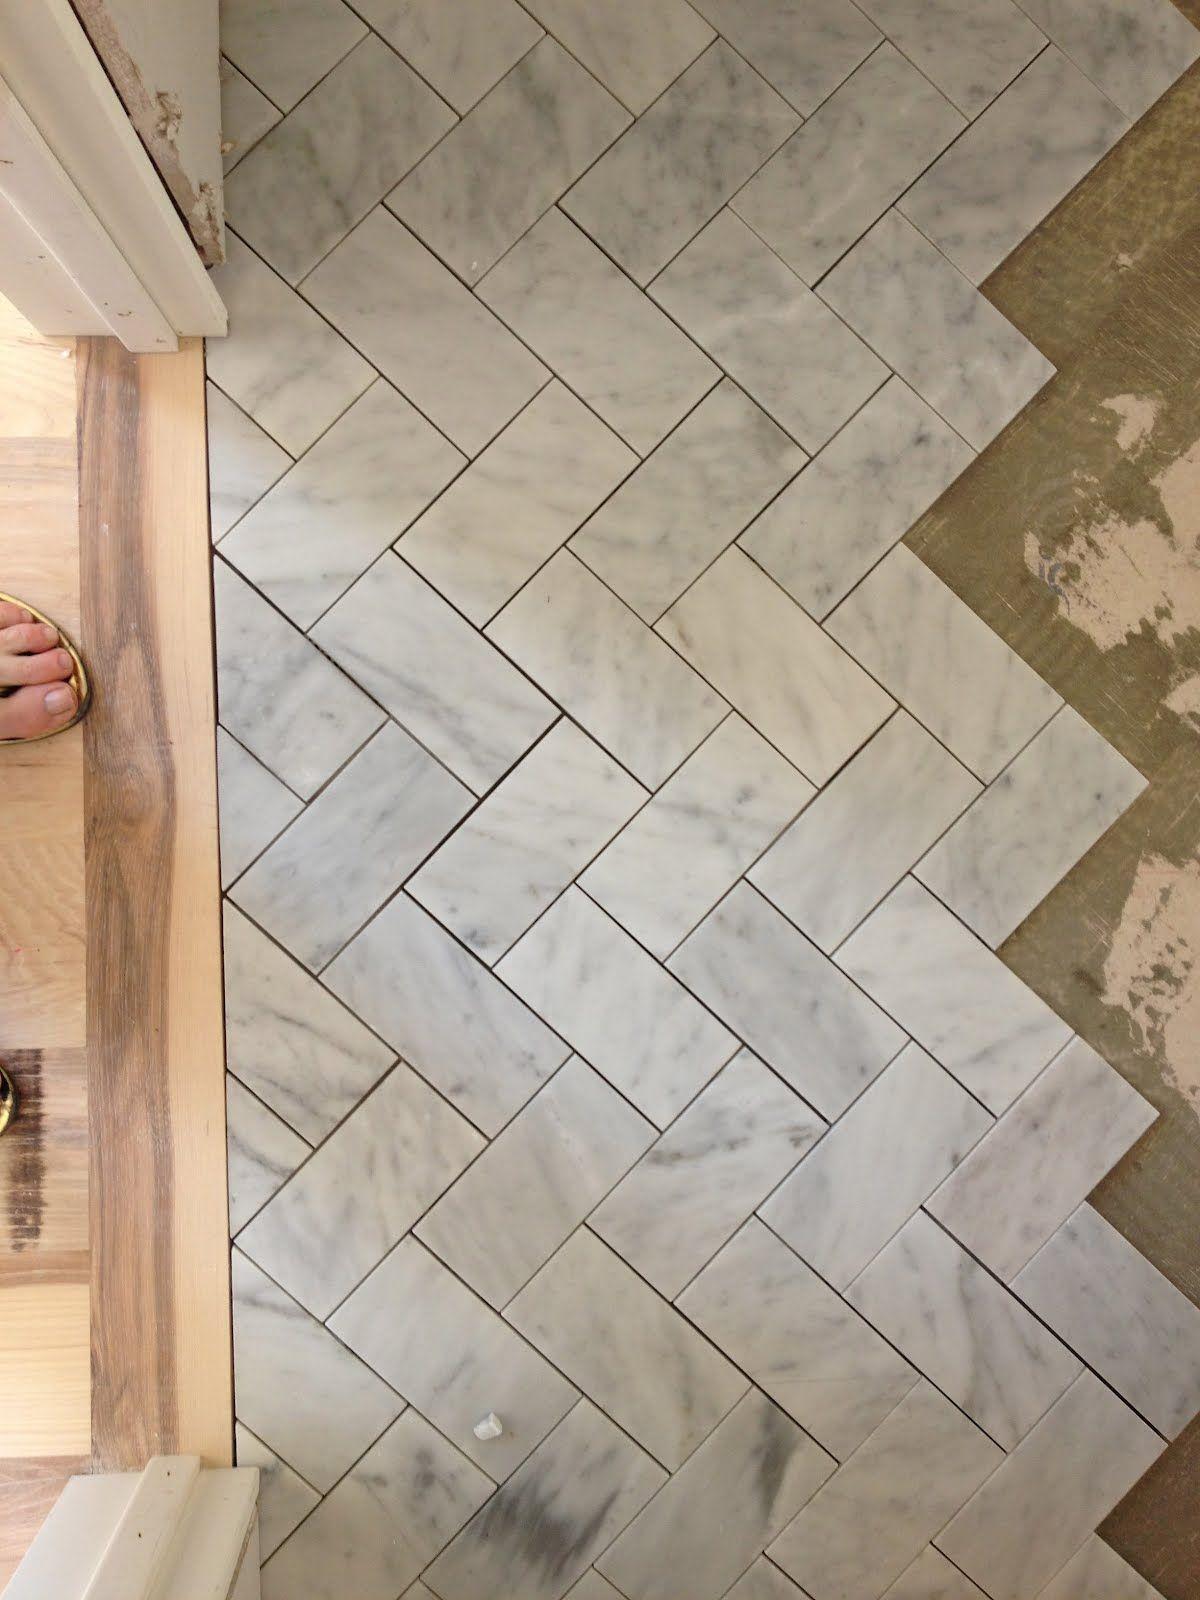 Subway tile in a herringbone pattern on the floor or backsplash ...